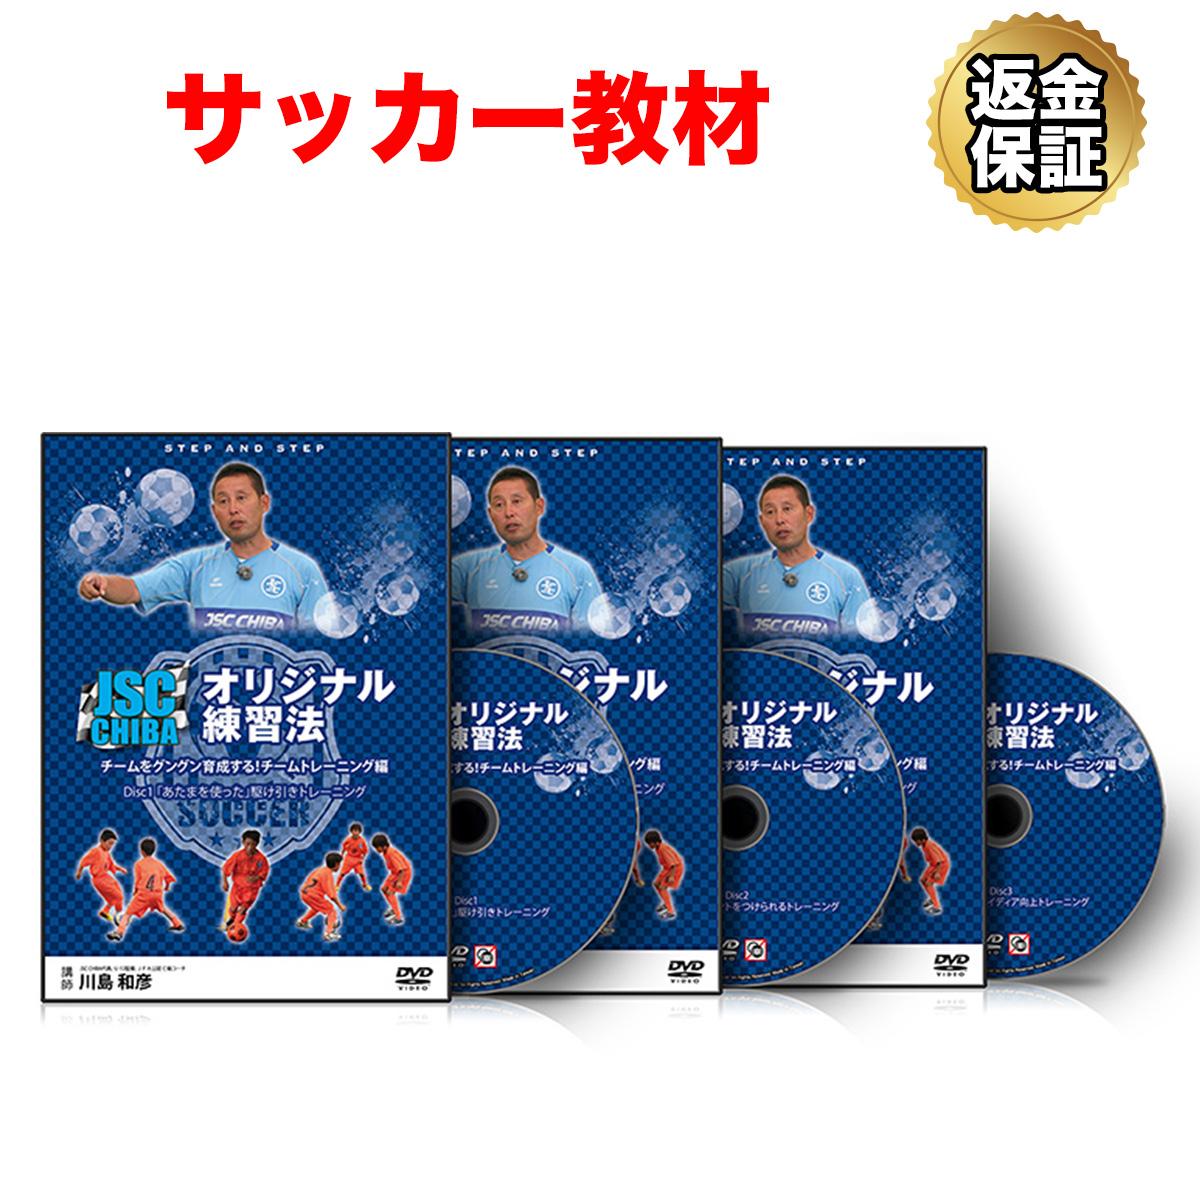 【サッカー】JSC CHIBAオリジナル練習法~チームをグングン育成する!チームトレーニング編~